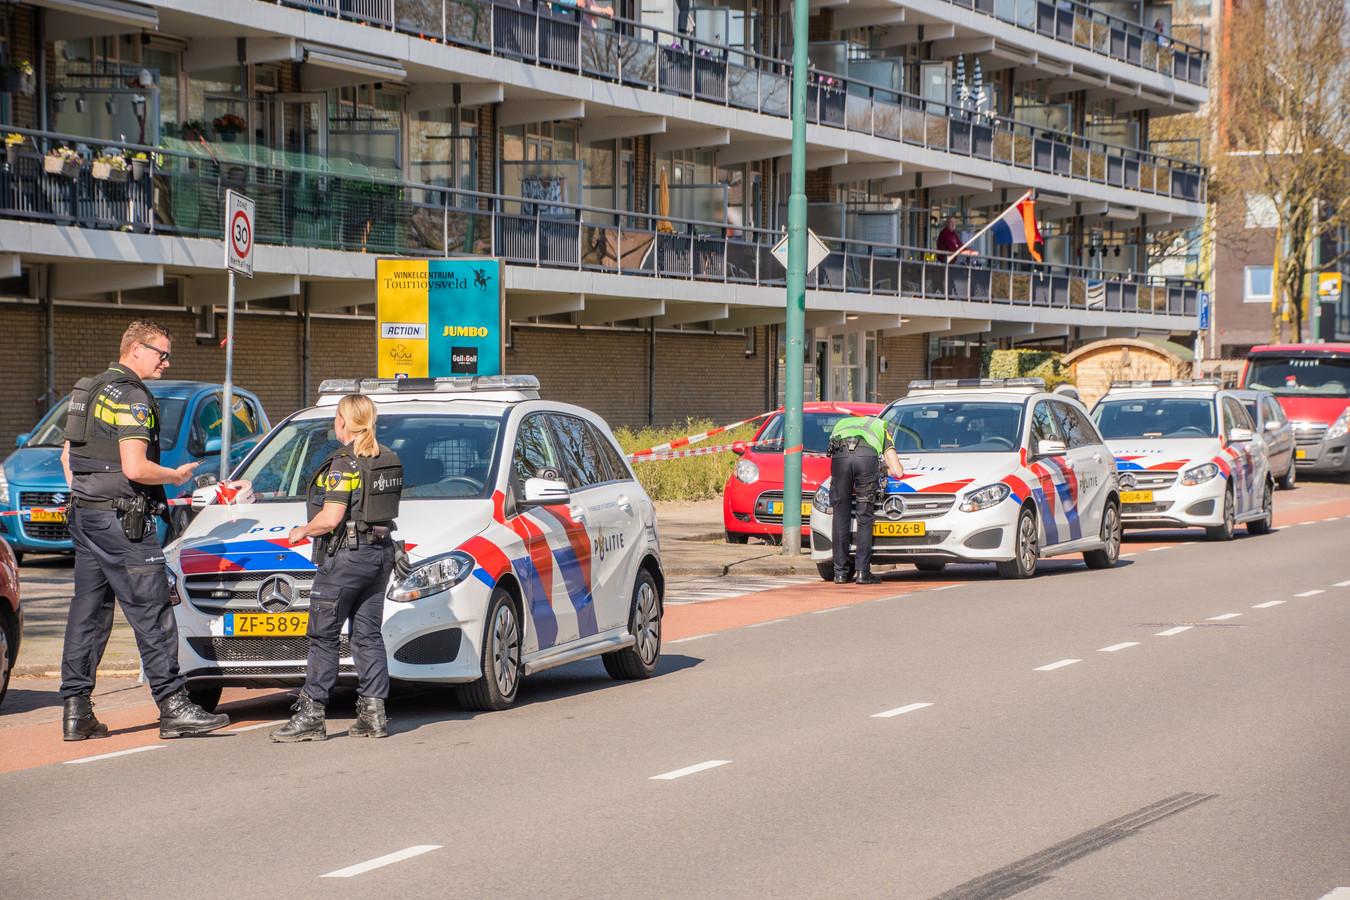 De politie zette na de schietpartij het gebied rond de flat aan de Rembrantlaan in Woerden af.